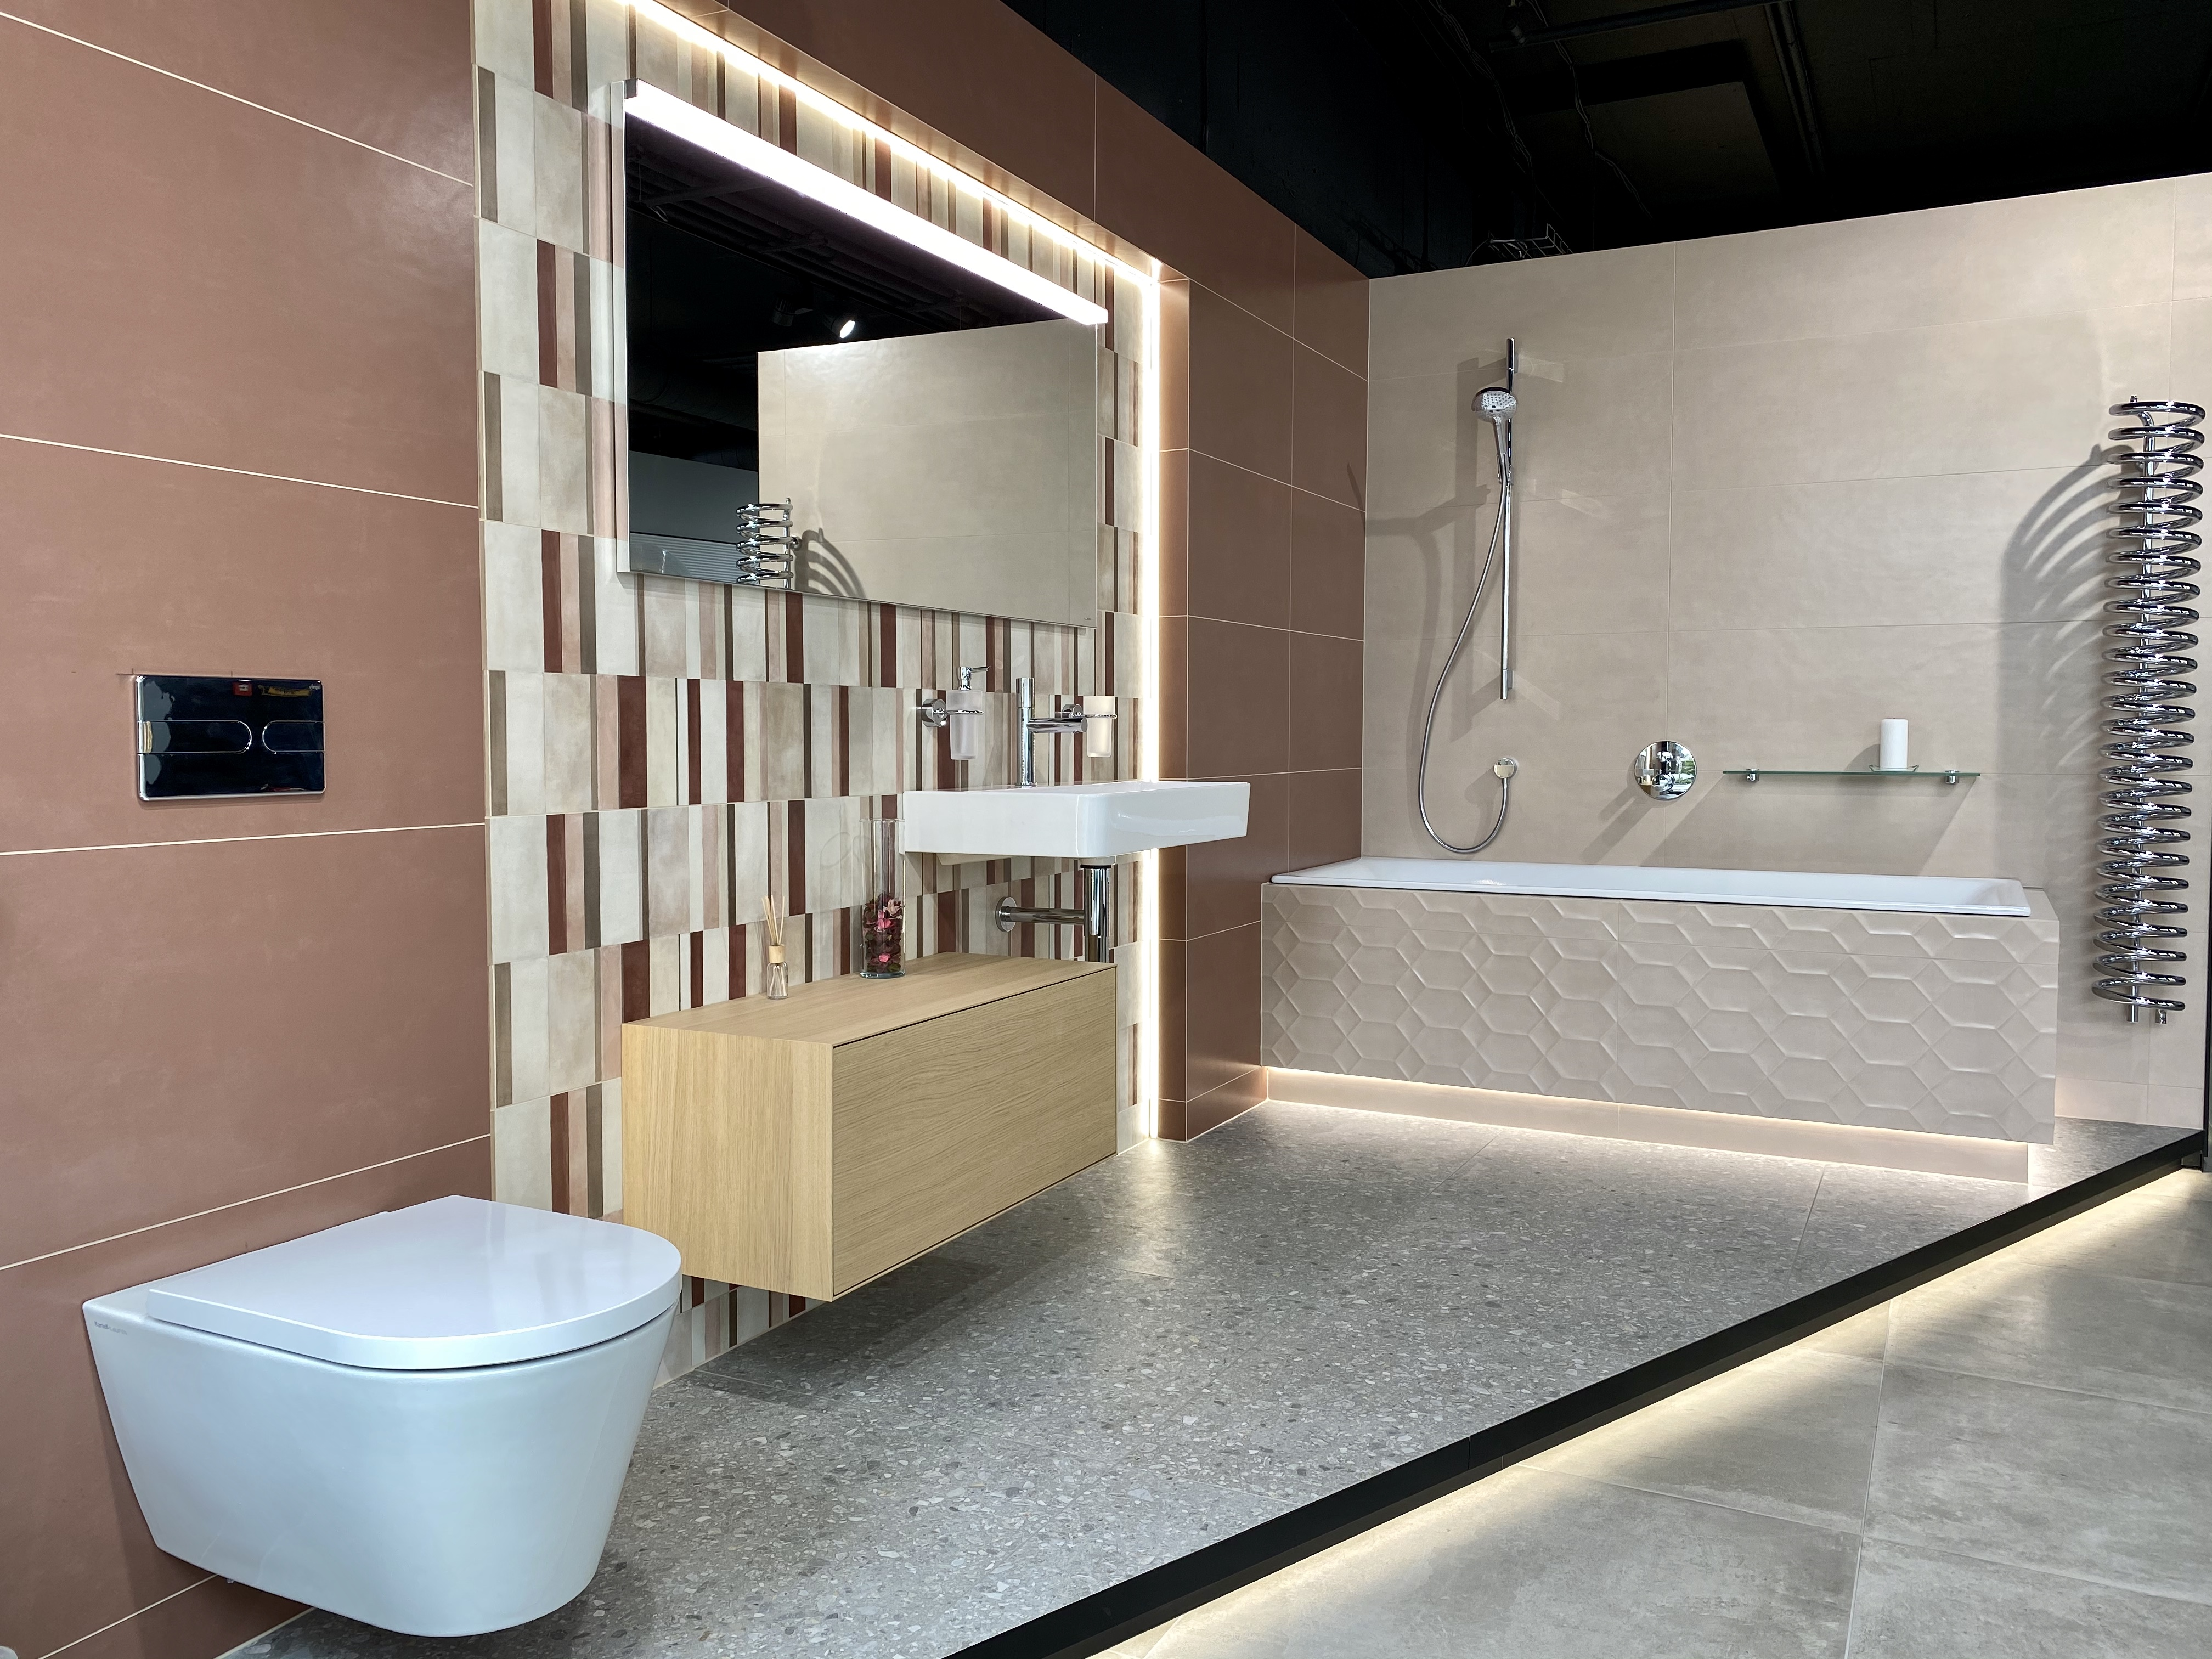 pudrová koupelna